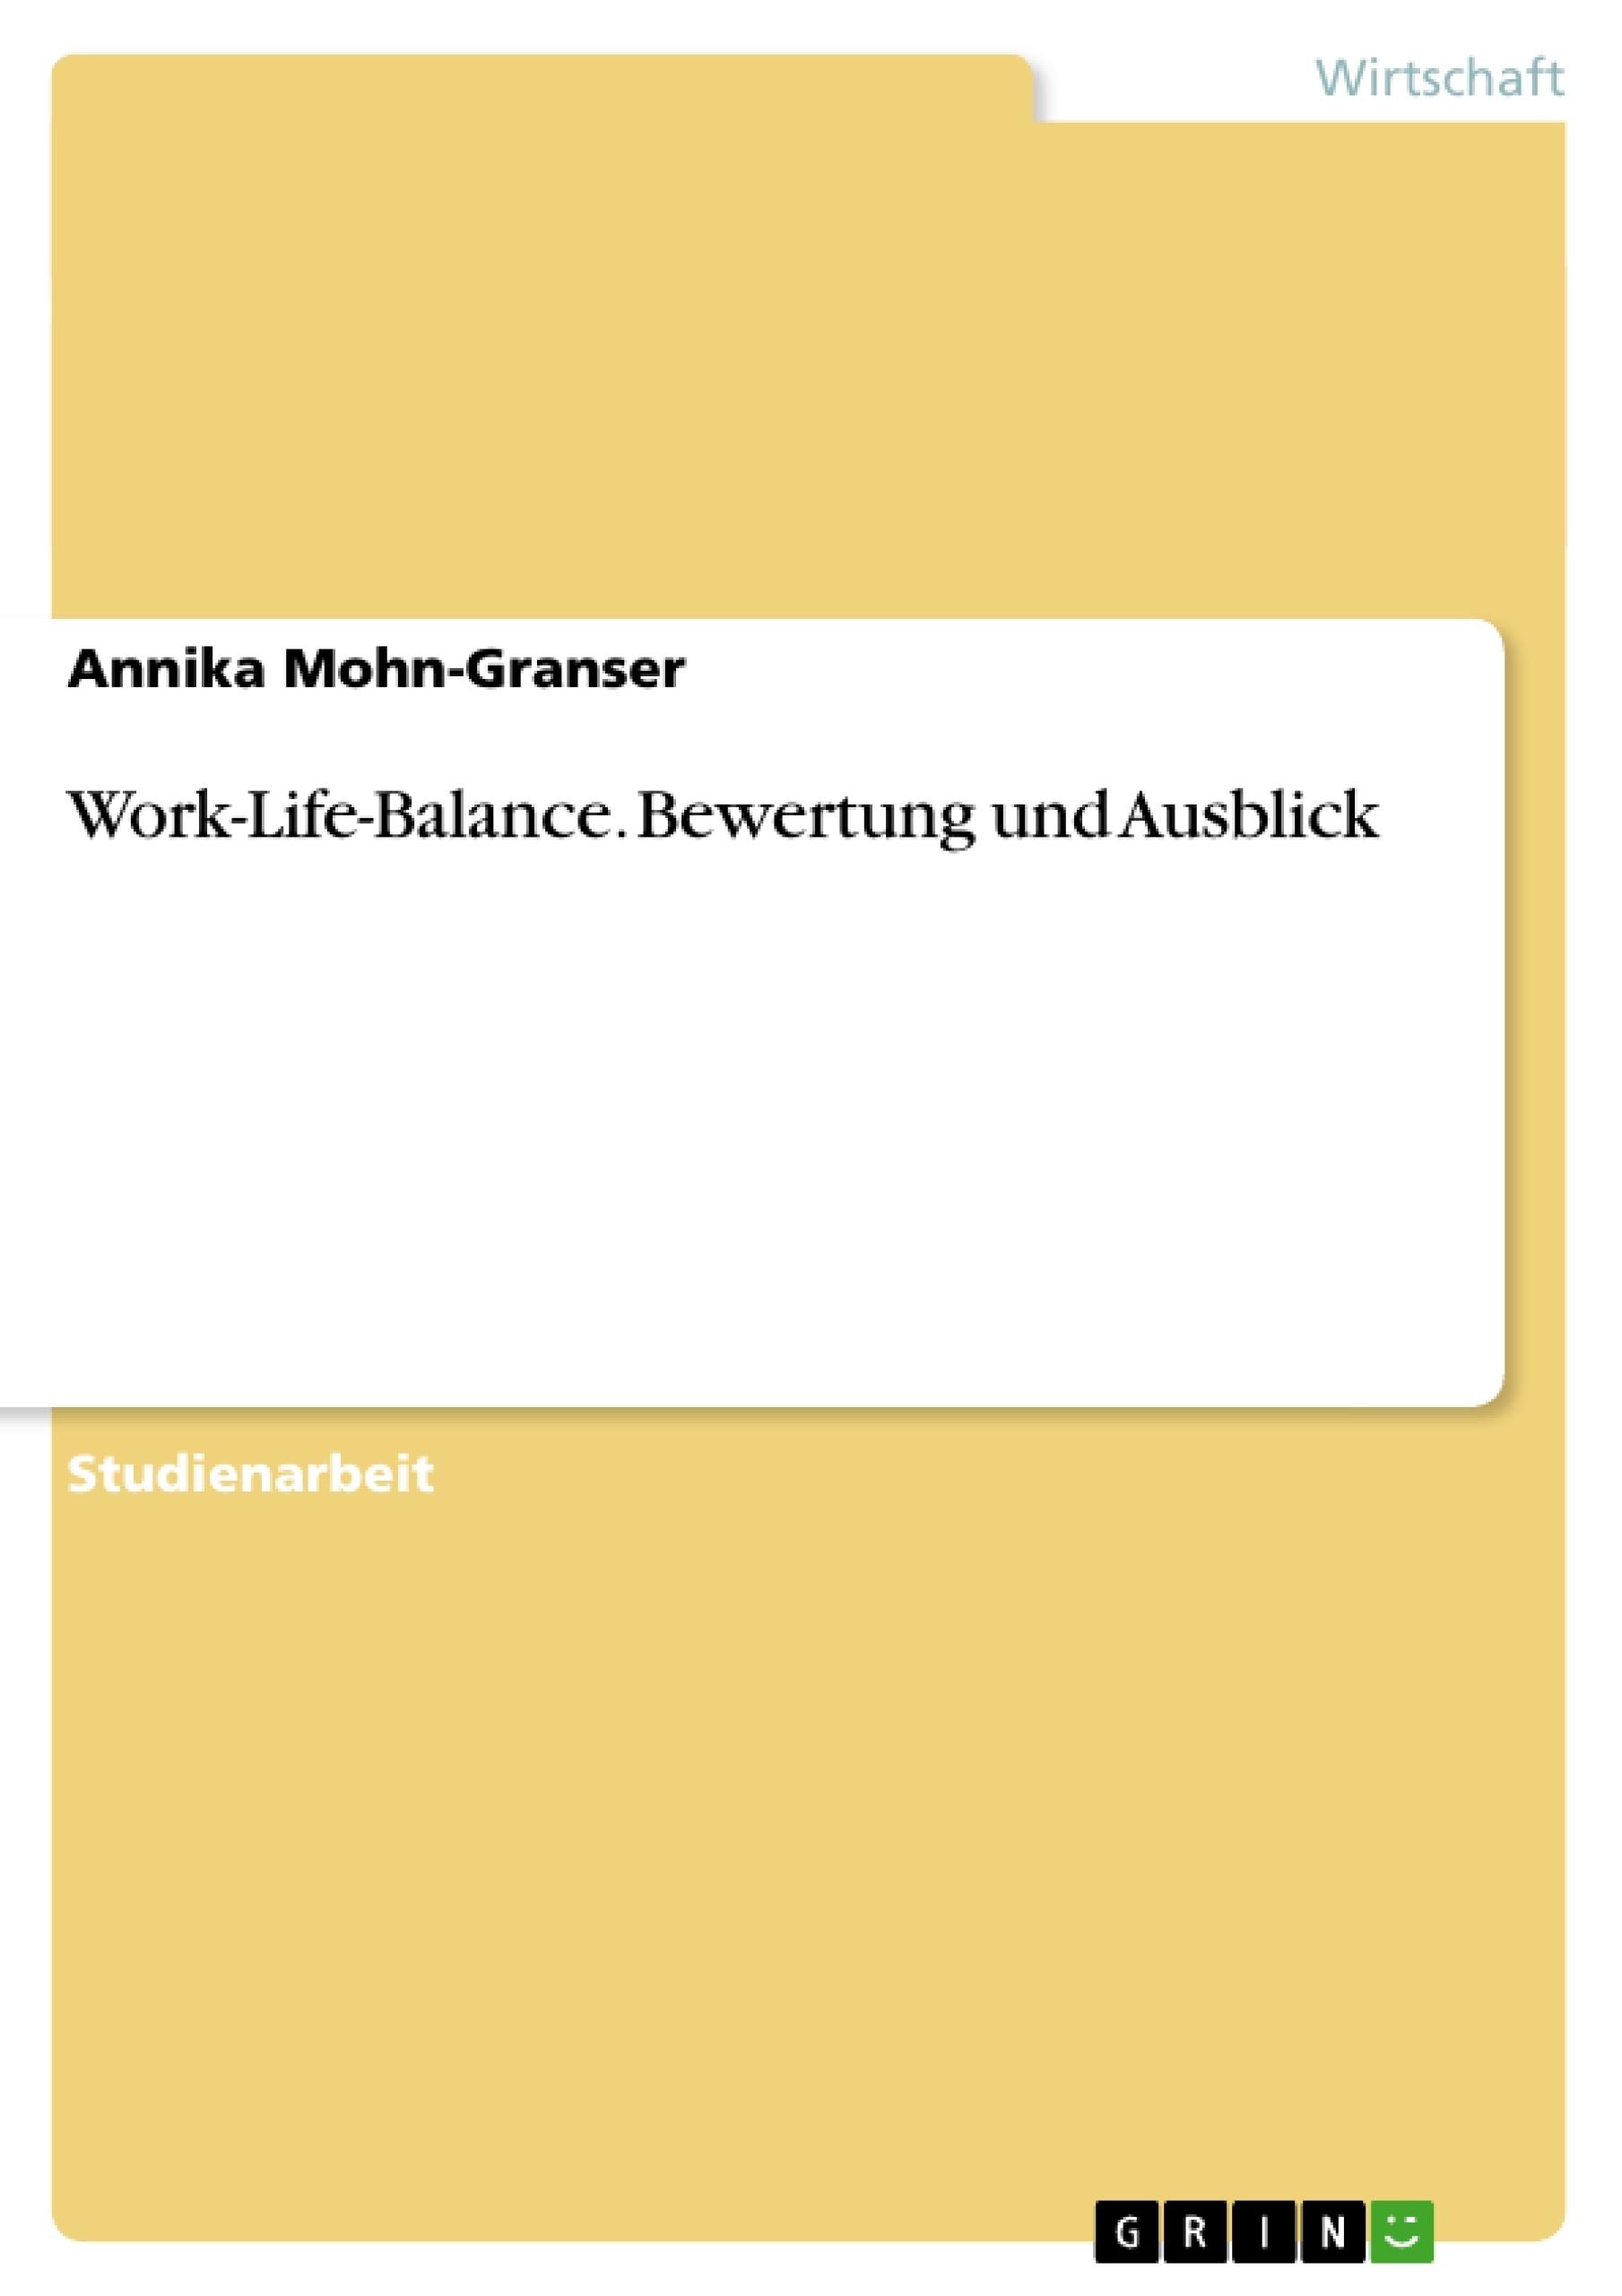 Titel: Work-Life-Balance. Bewertung und Ausblick